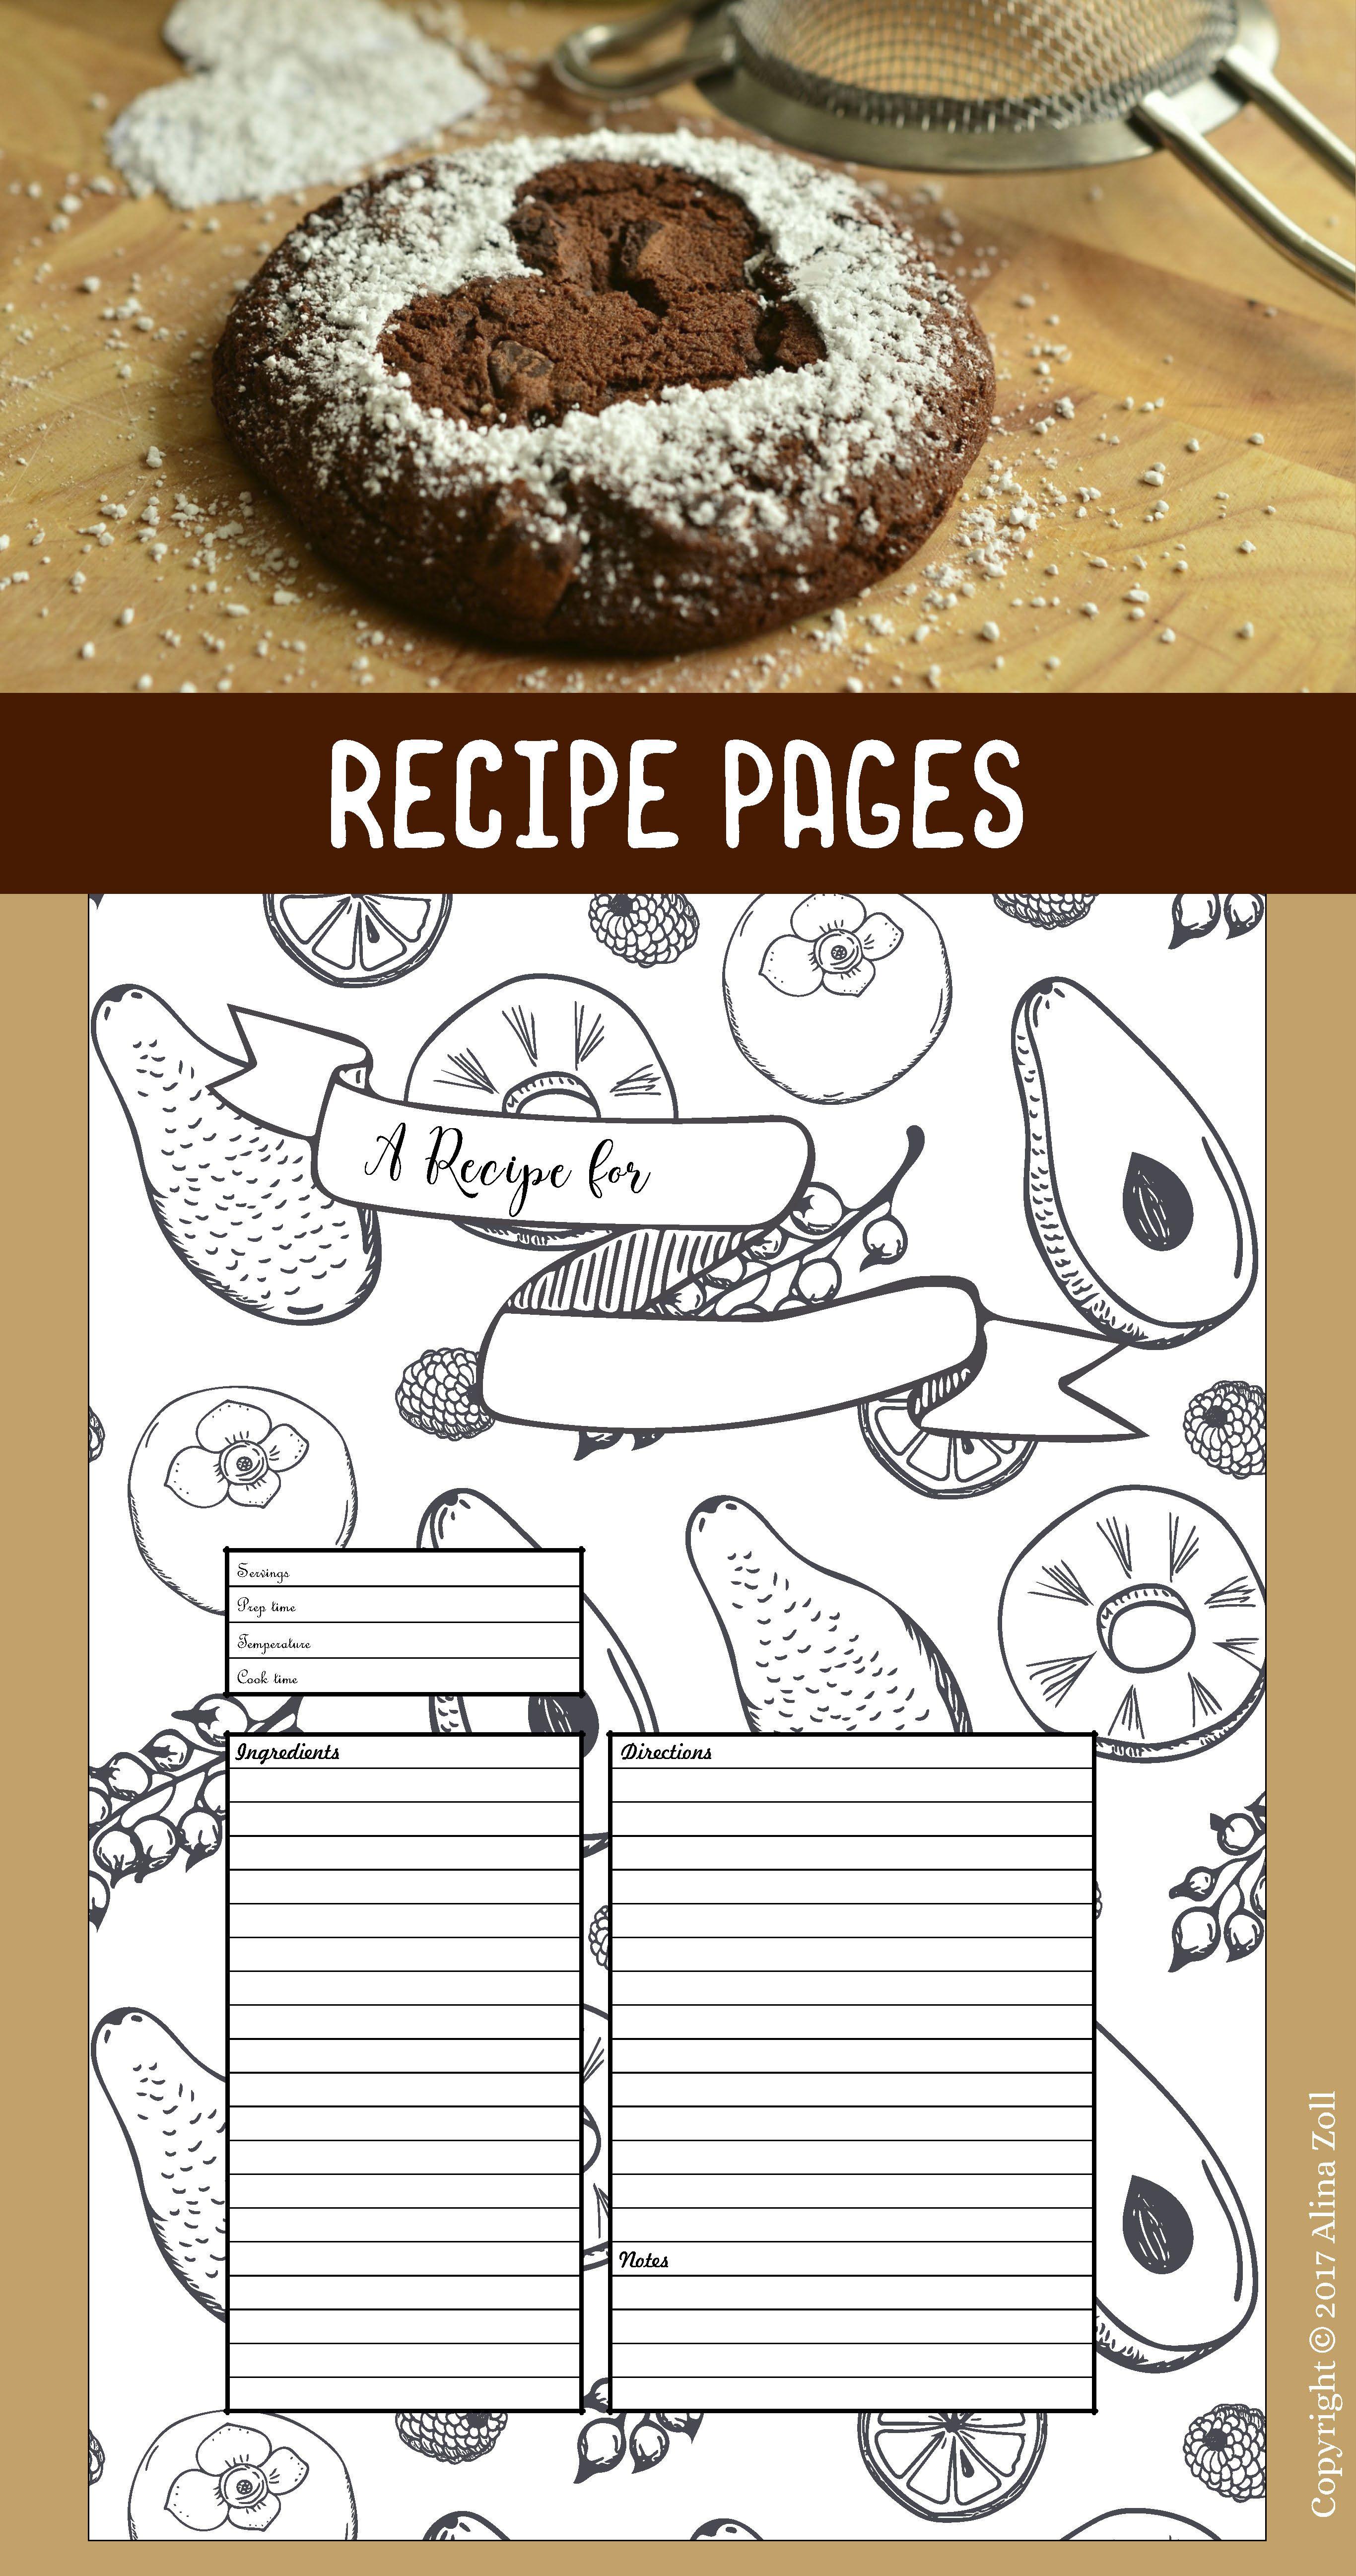 a4 recipe card template fun recipe page template 8 x 11